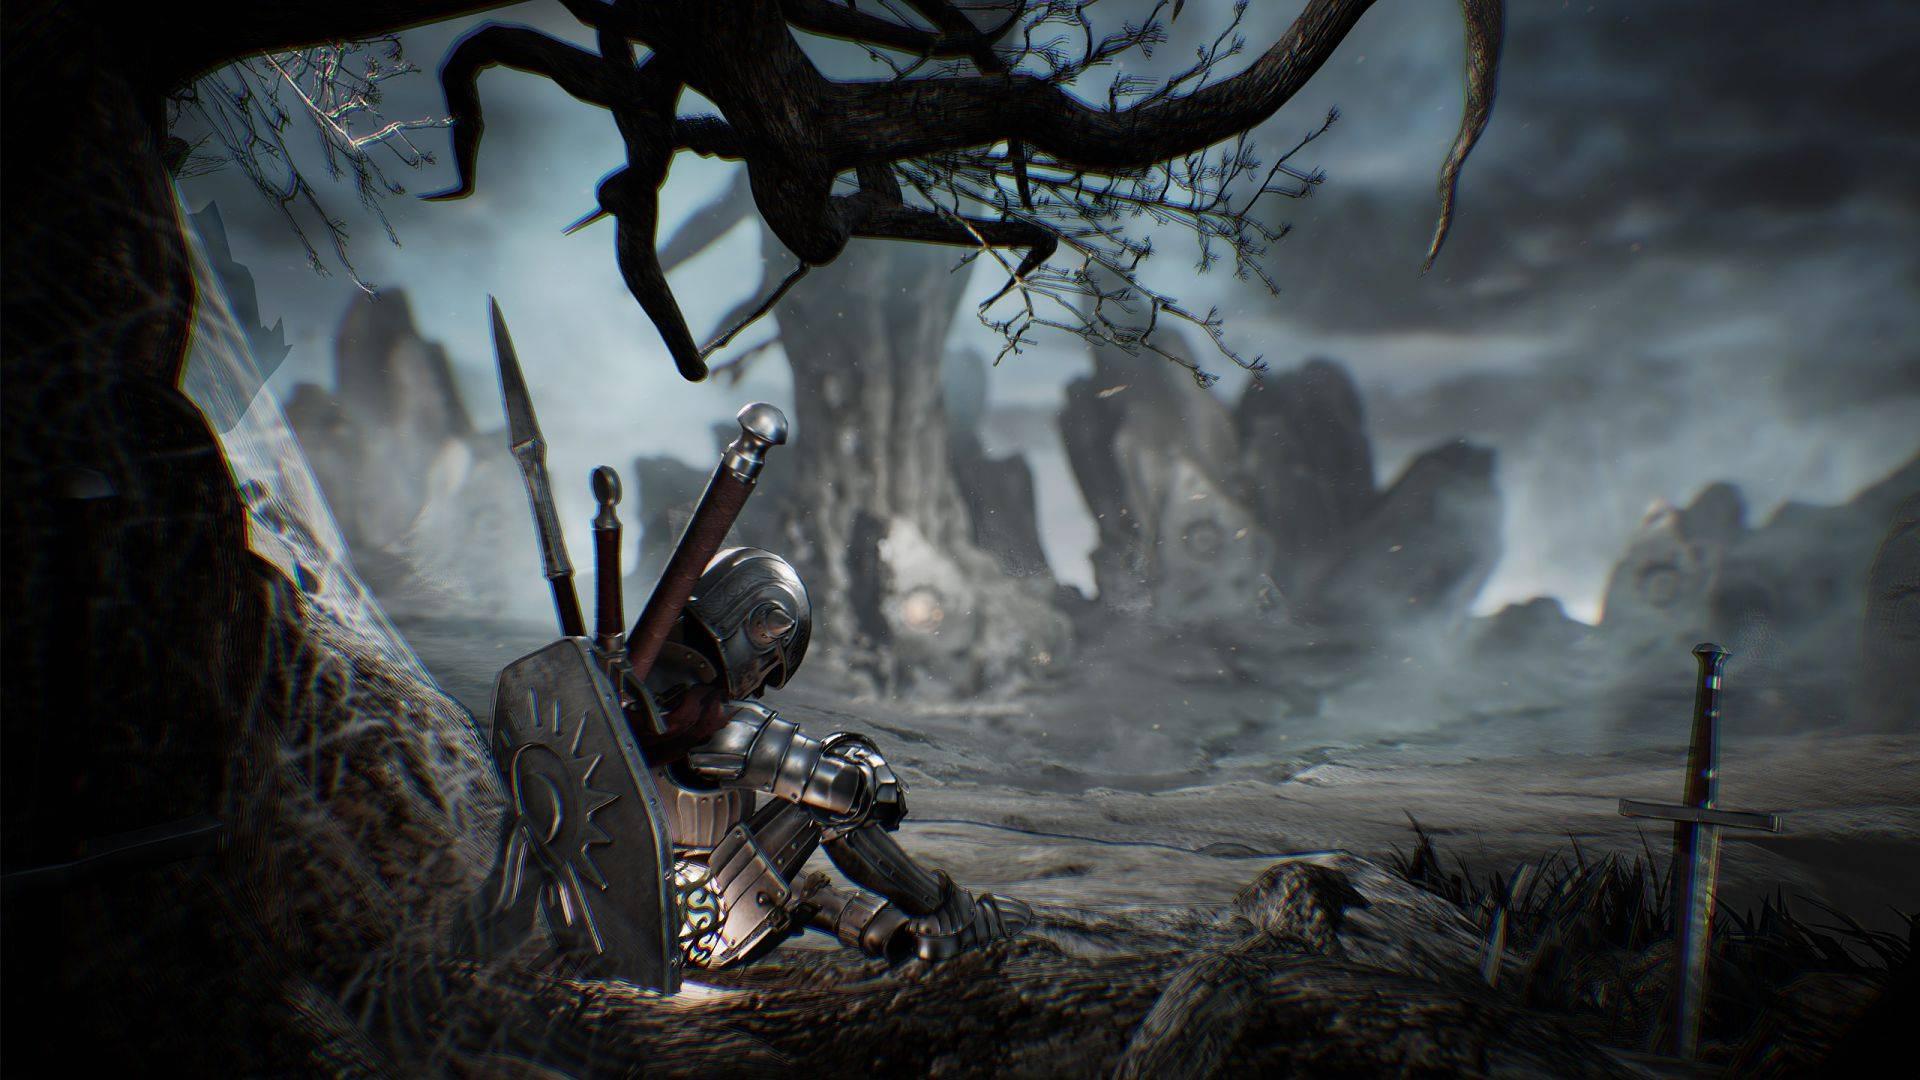 国产类黑魂游戏《罪人》上线Steam